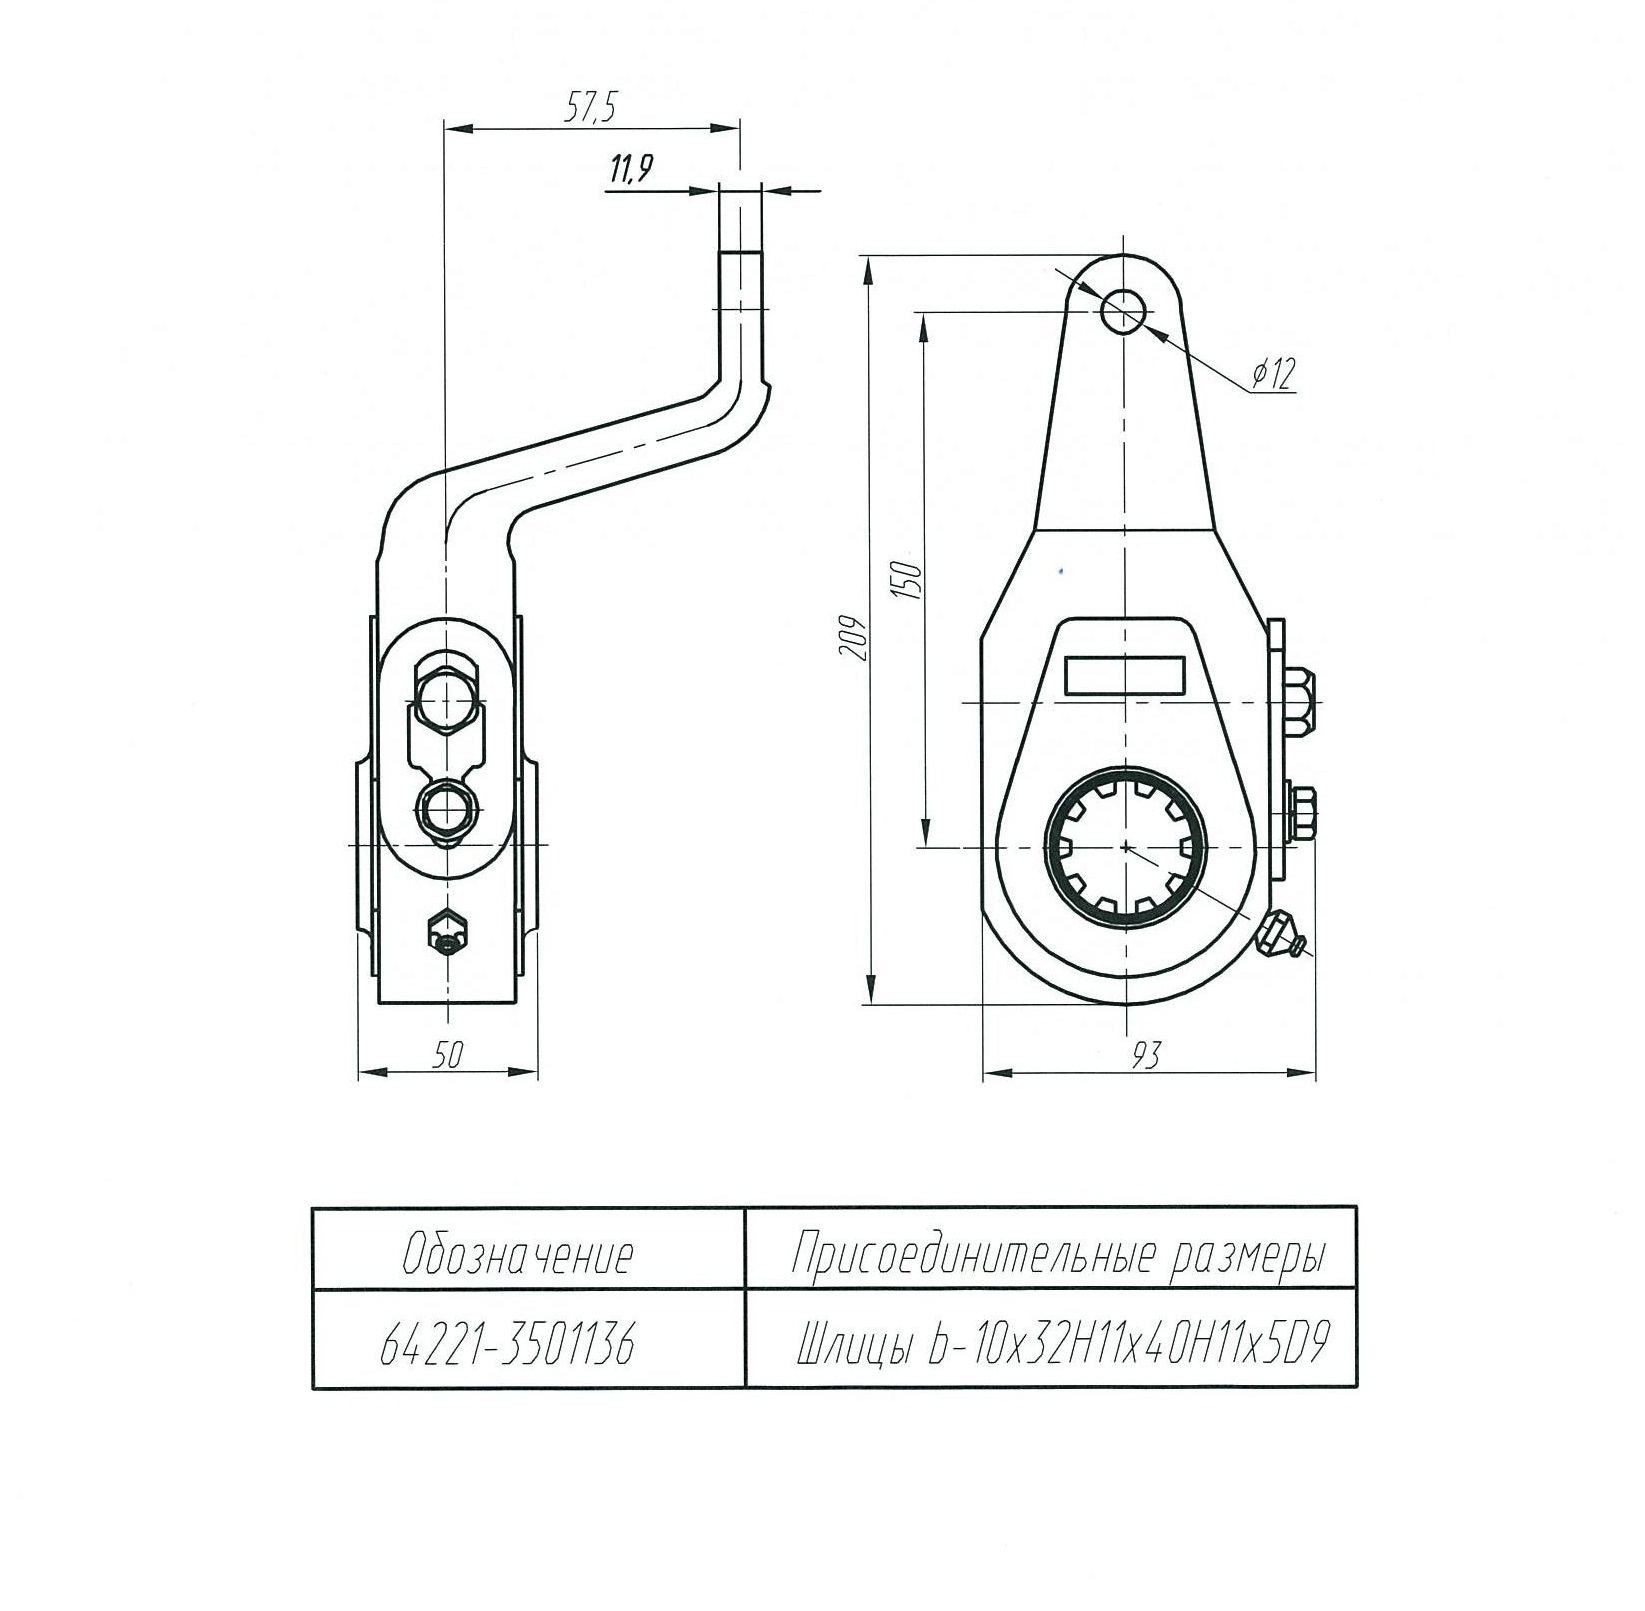 Рычаги регулировочные ручной регулировки МАЗ 8